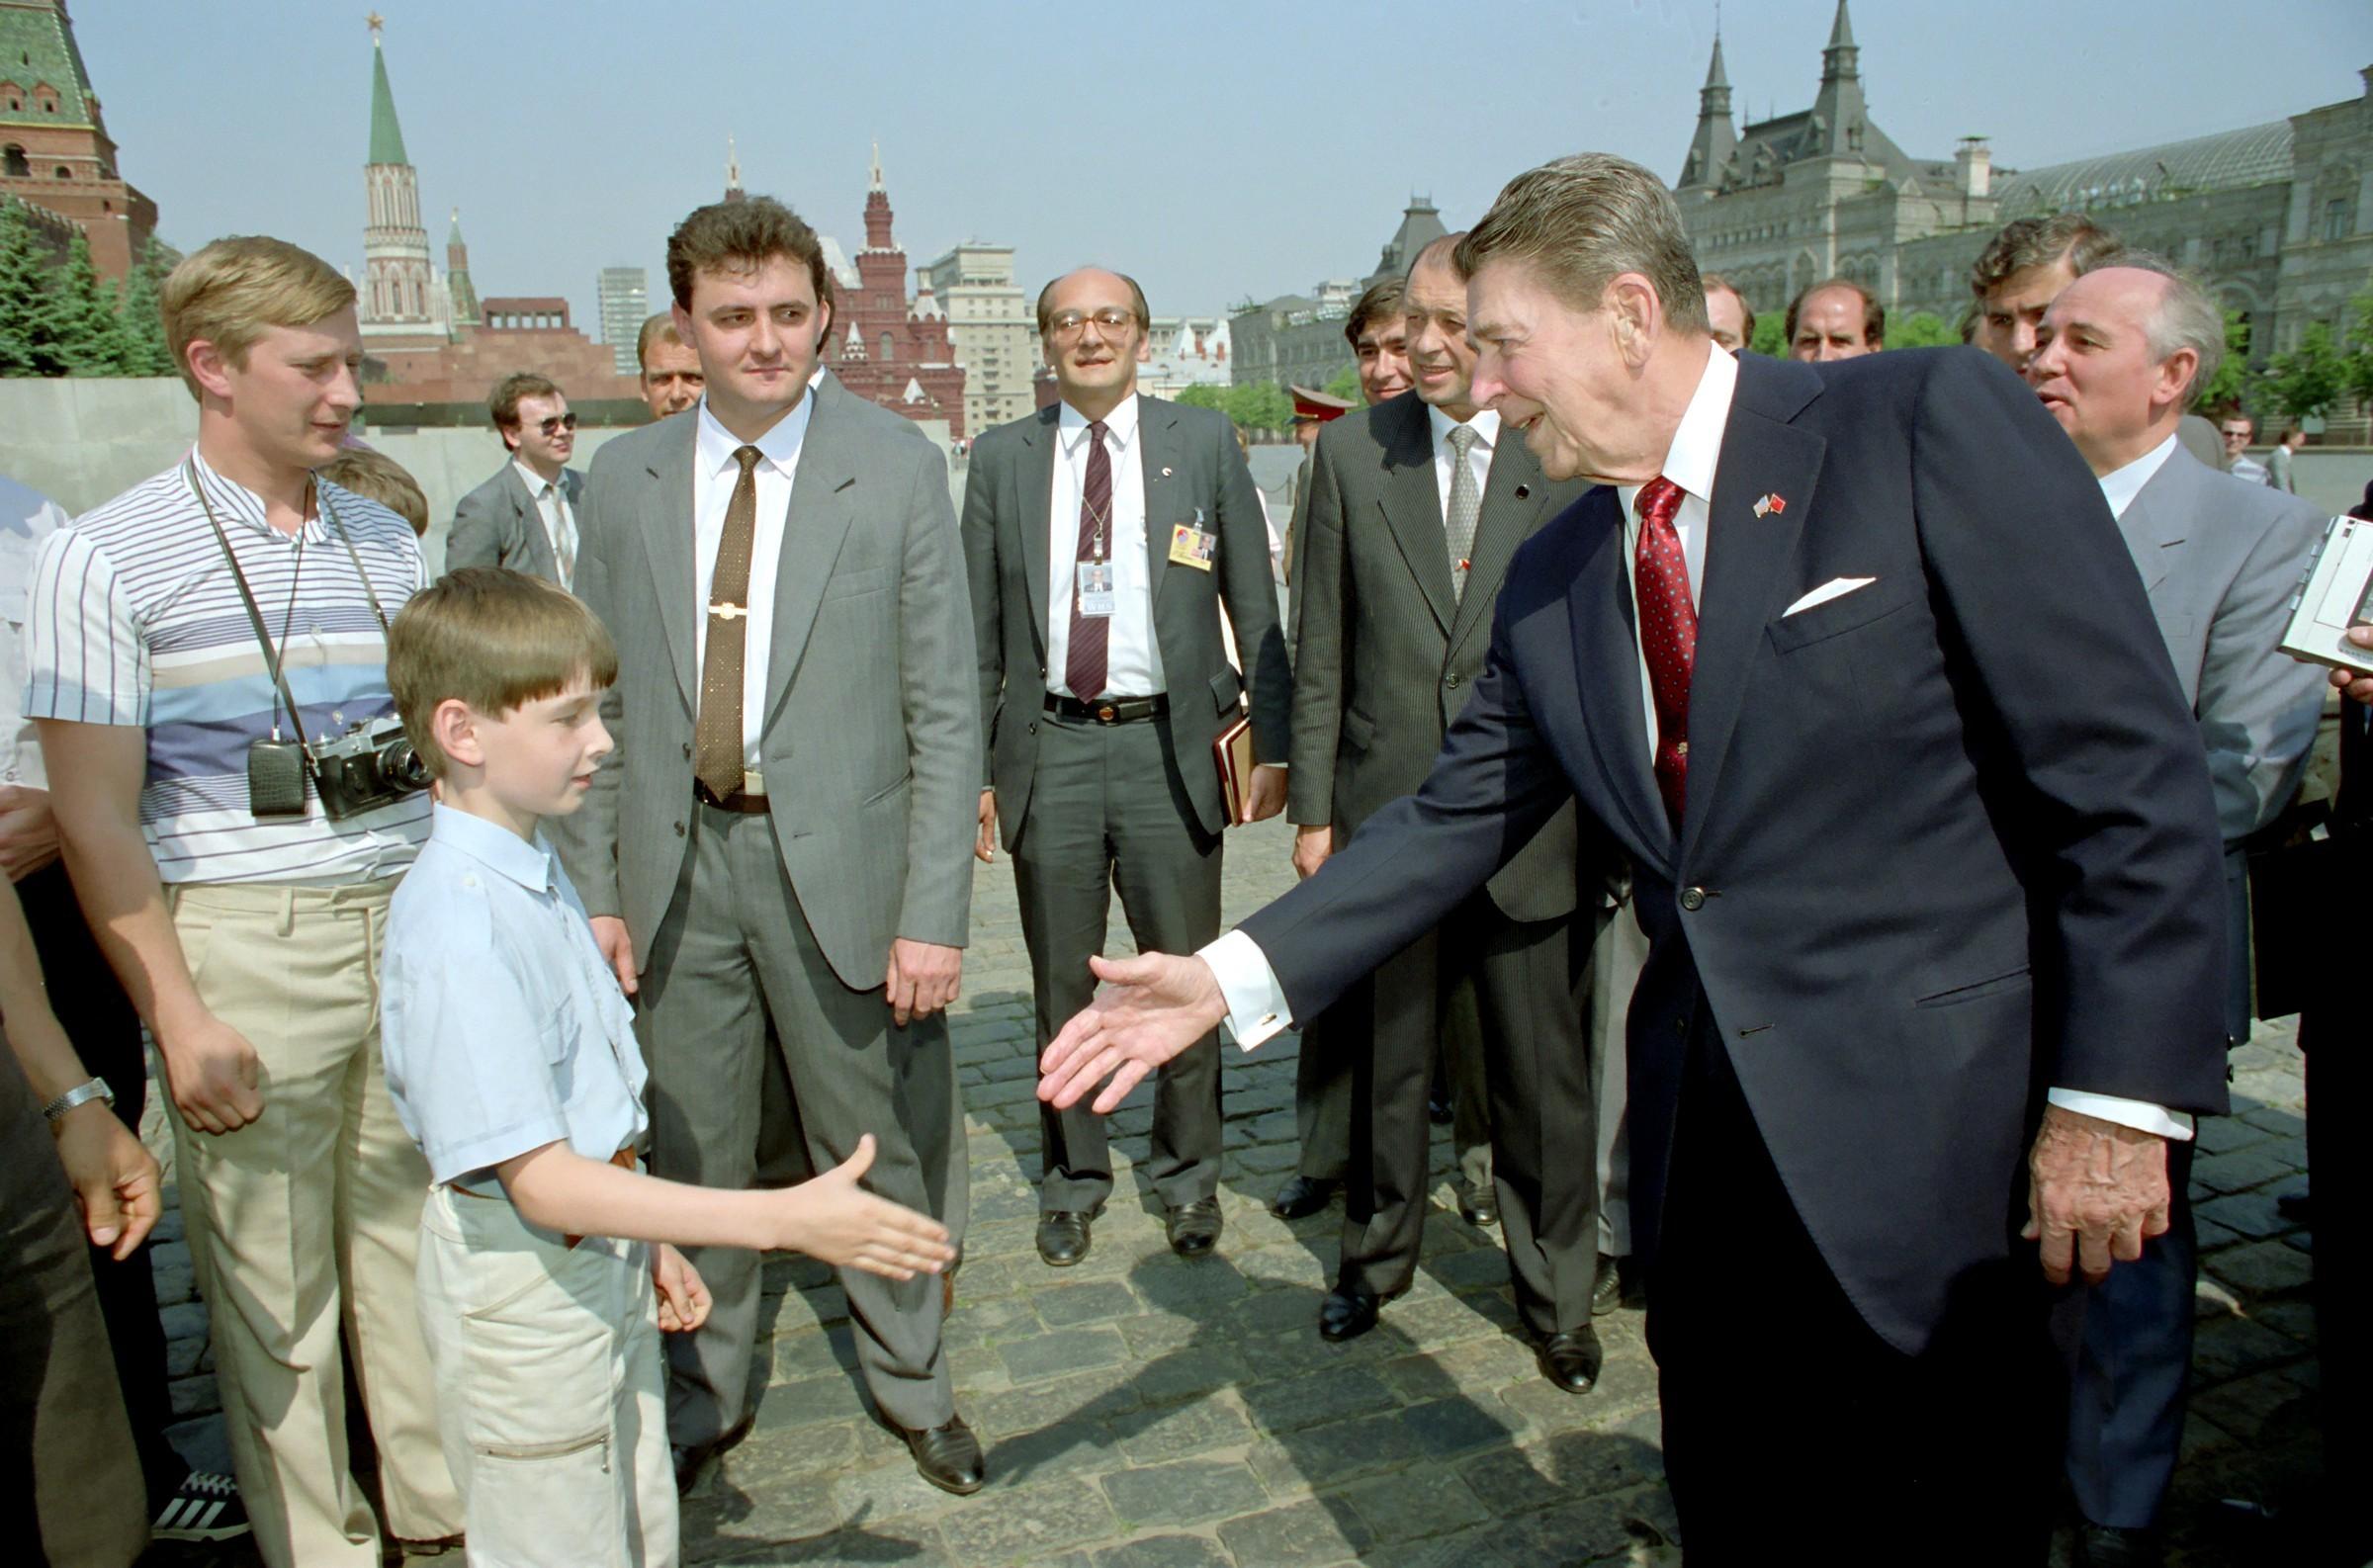 الشخص الحامل الكاميرا يعتقد أنه بوتين أثناء عمله وكيلا في المخابرات مع الرئيس الأميركي